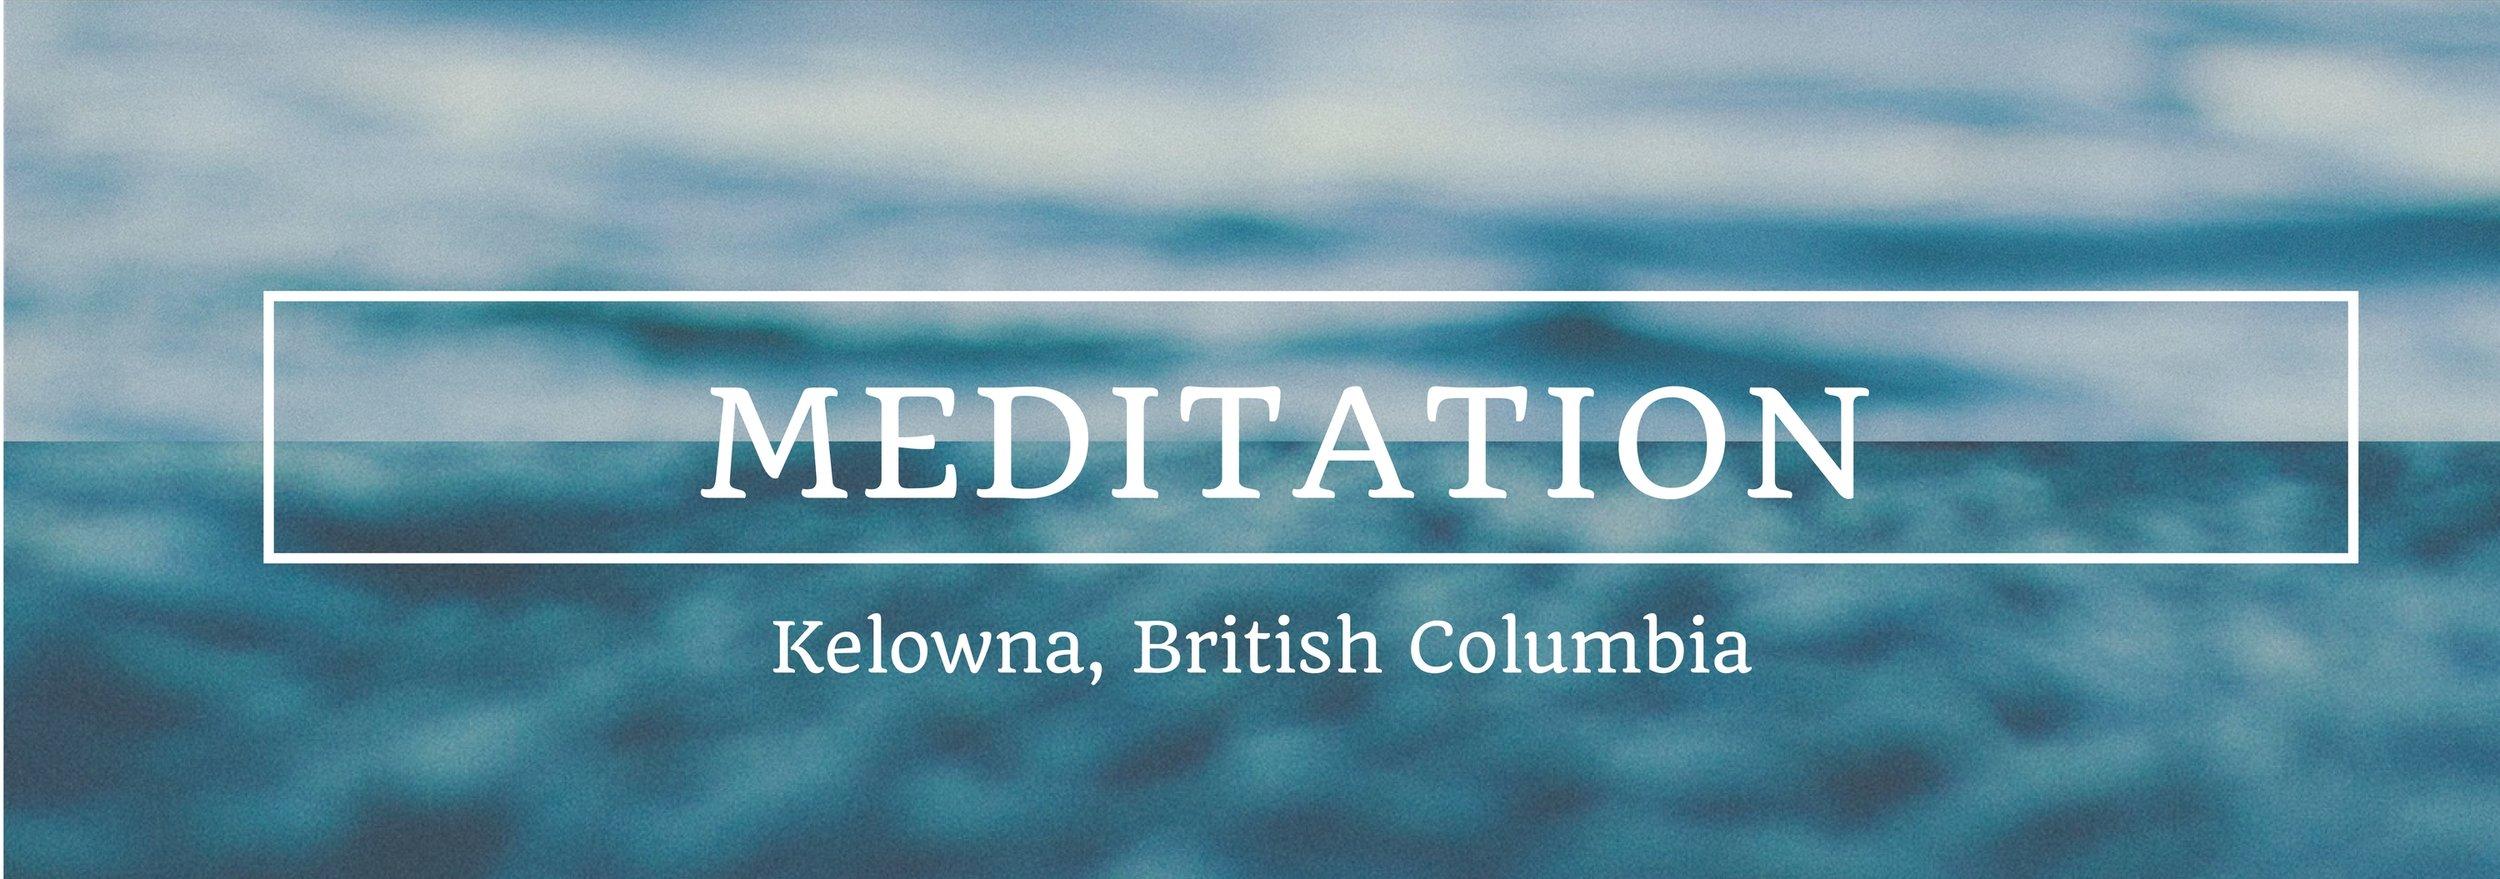 Meditation classes in Kelowna, mindfulness counselling in Kelowna, MB-EAT, MCBT in Kelowna, counselling in Kelowna